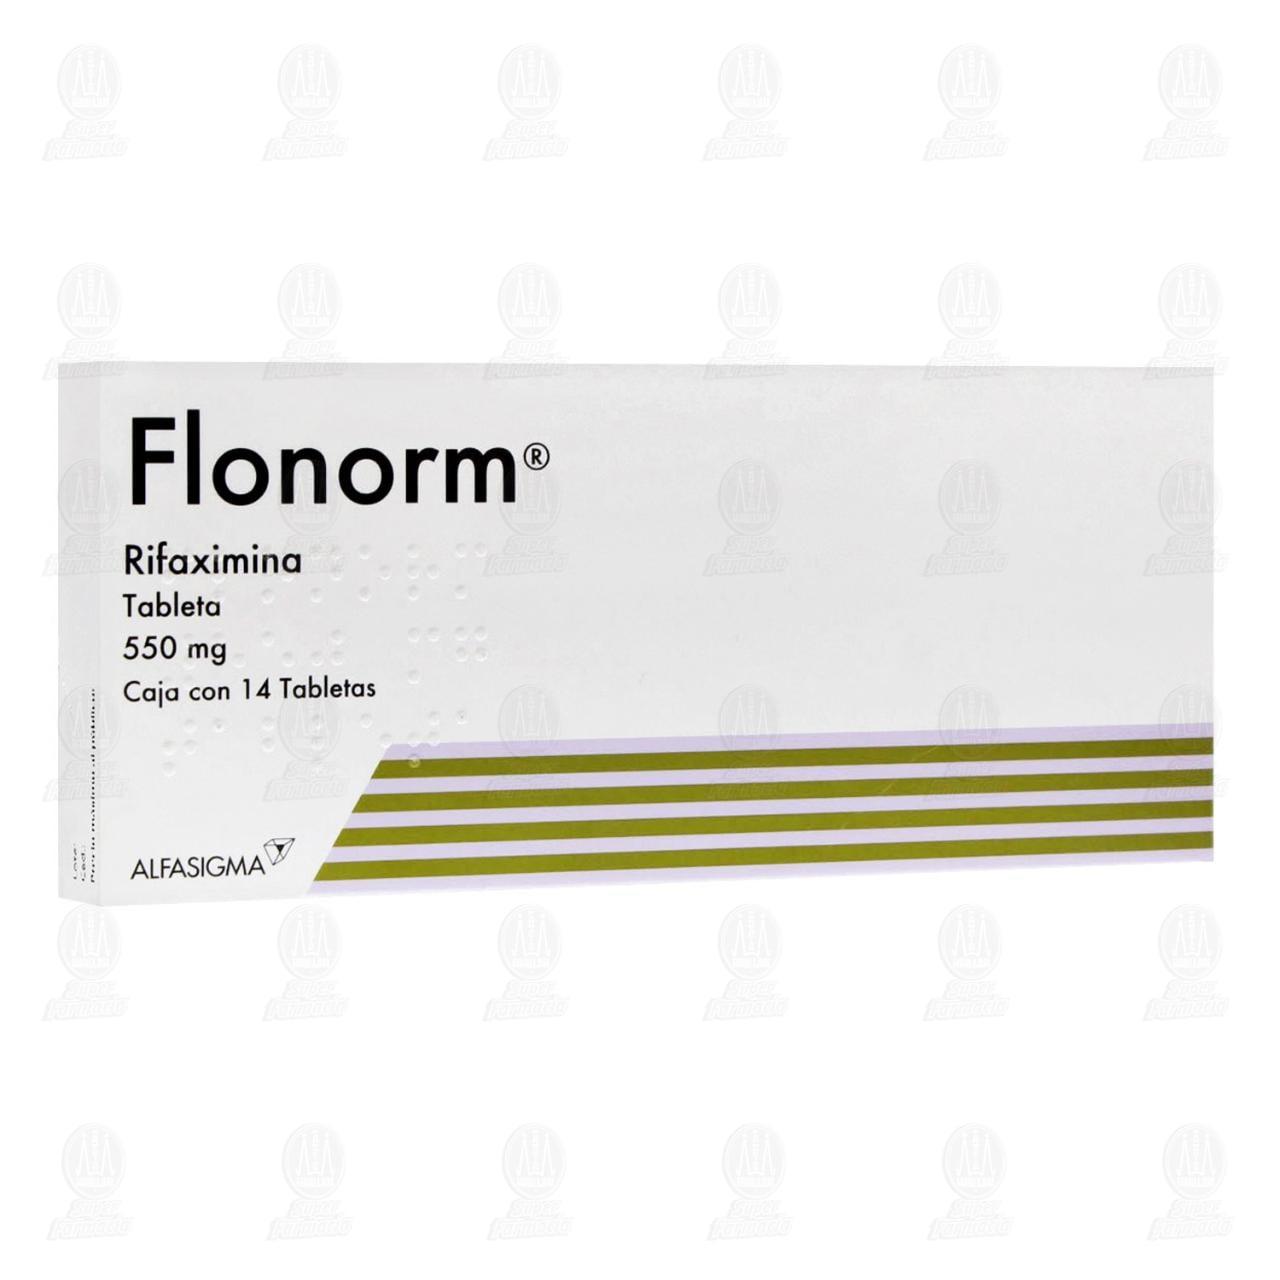 Comprar Flonorm 550mg 14 Tabletas en Farmacias Guadalajara